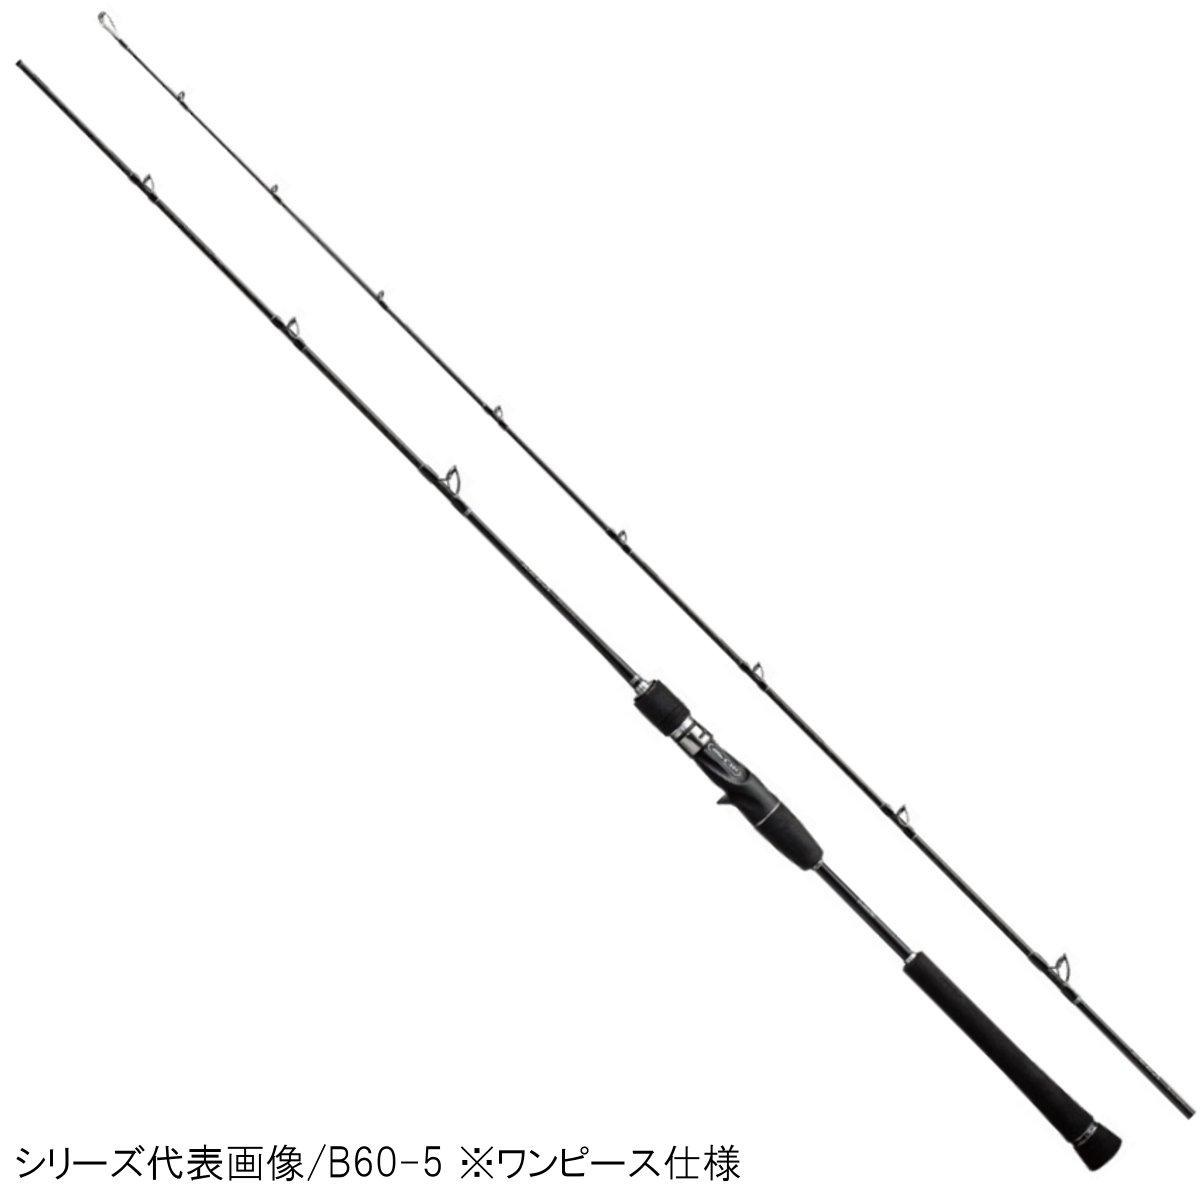 【8/1-2は夏の陣!最大P47倍!】シマノ オシアジガー(ベイト) B60-3【大型商品】(東日本店)